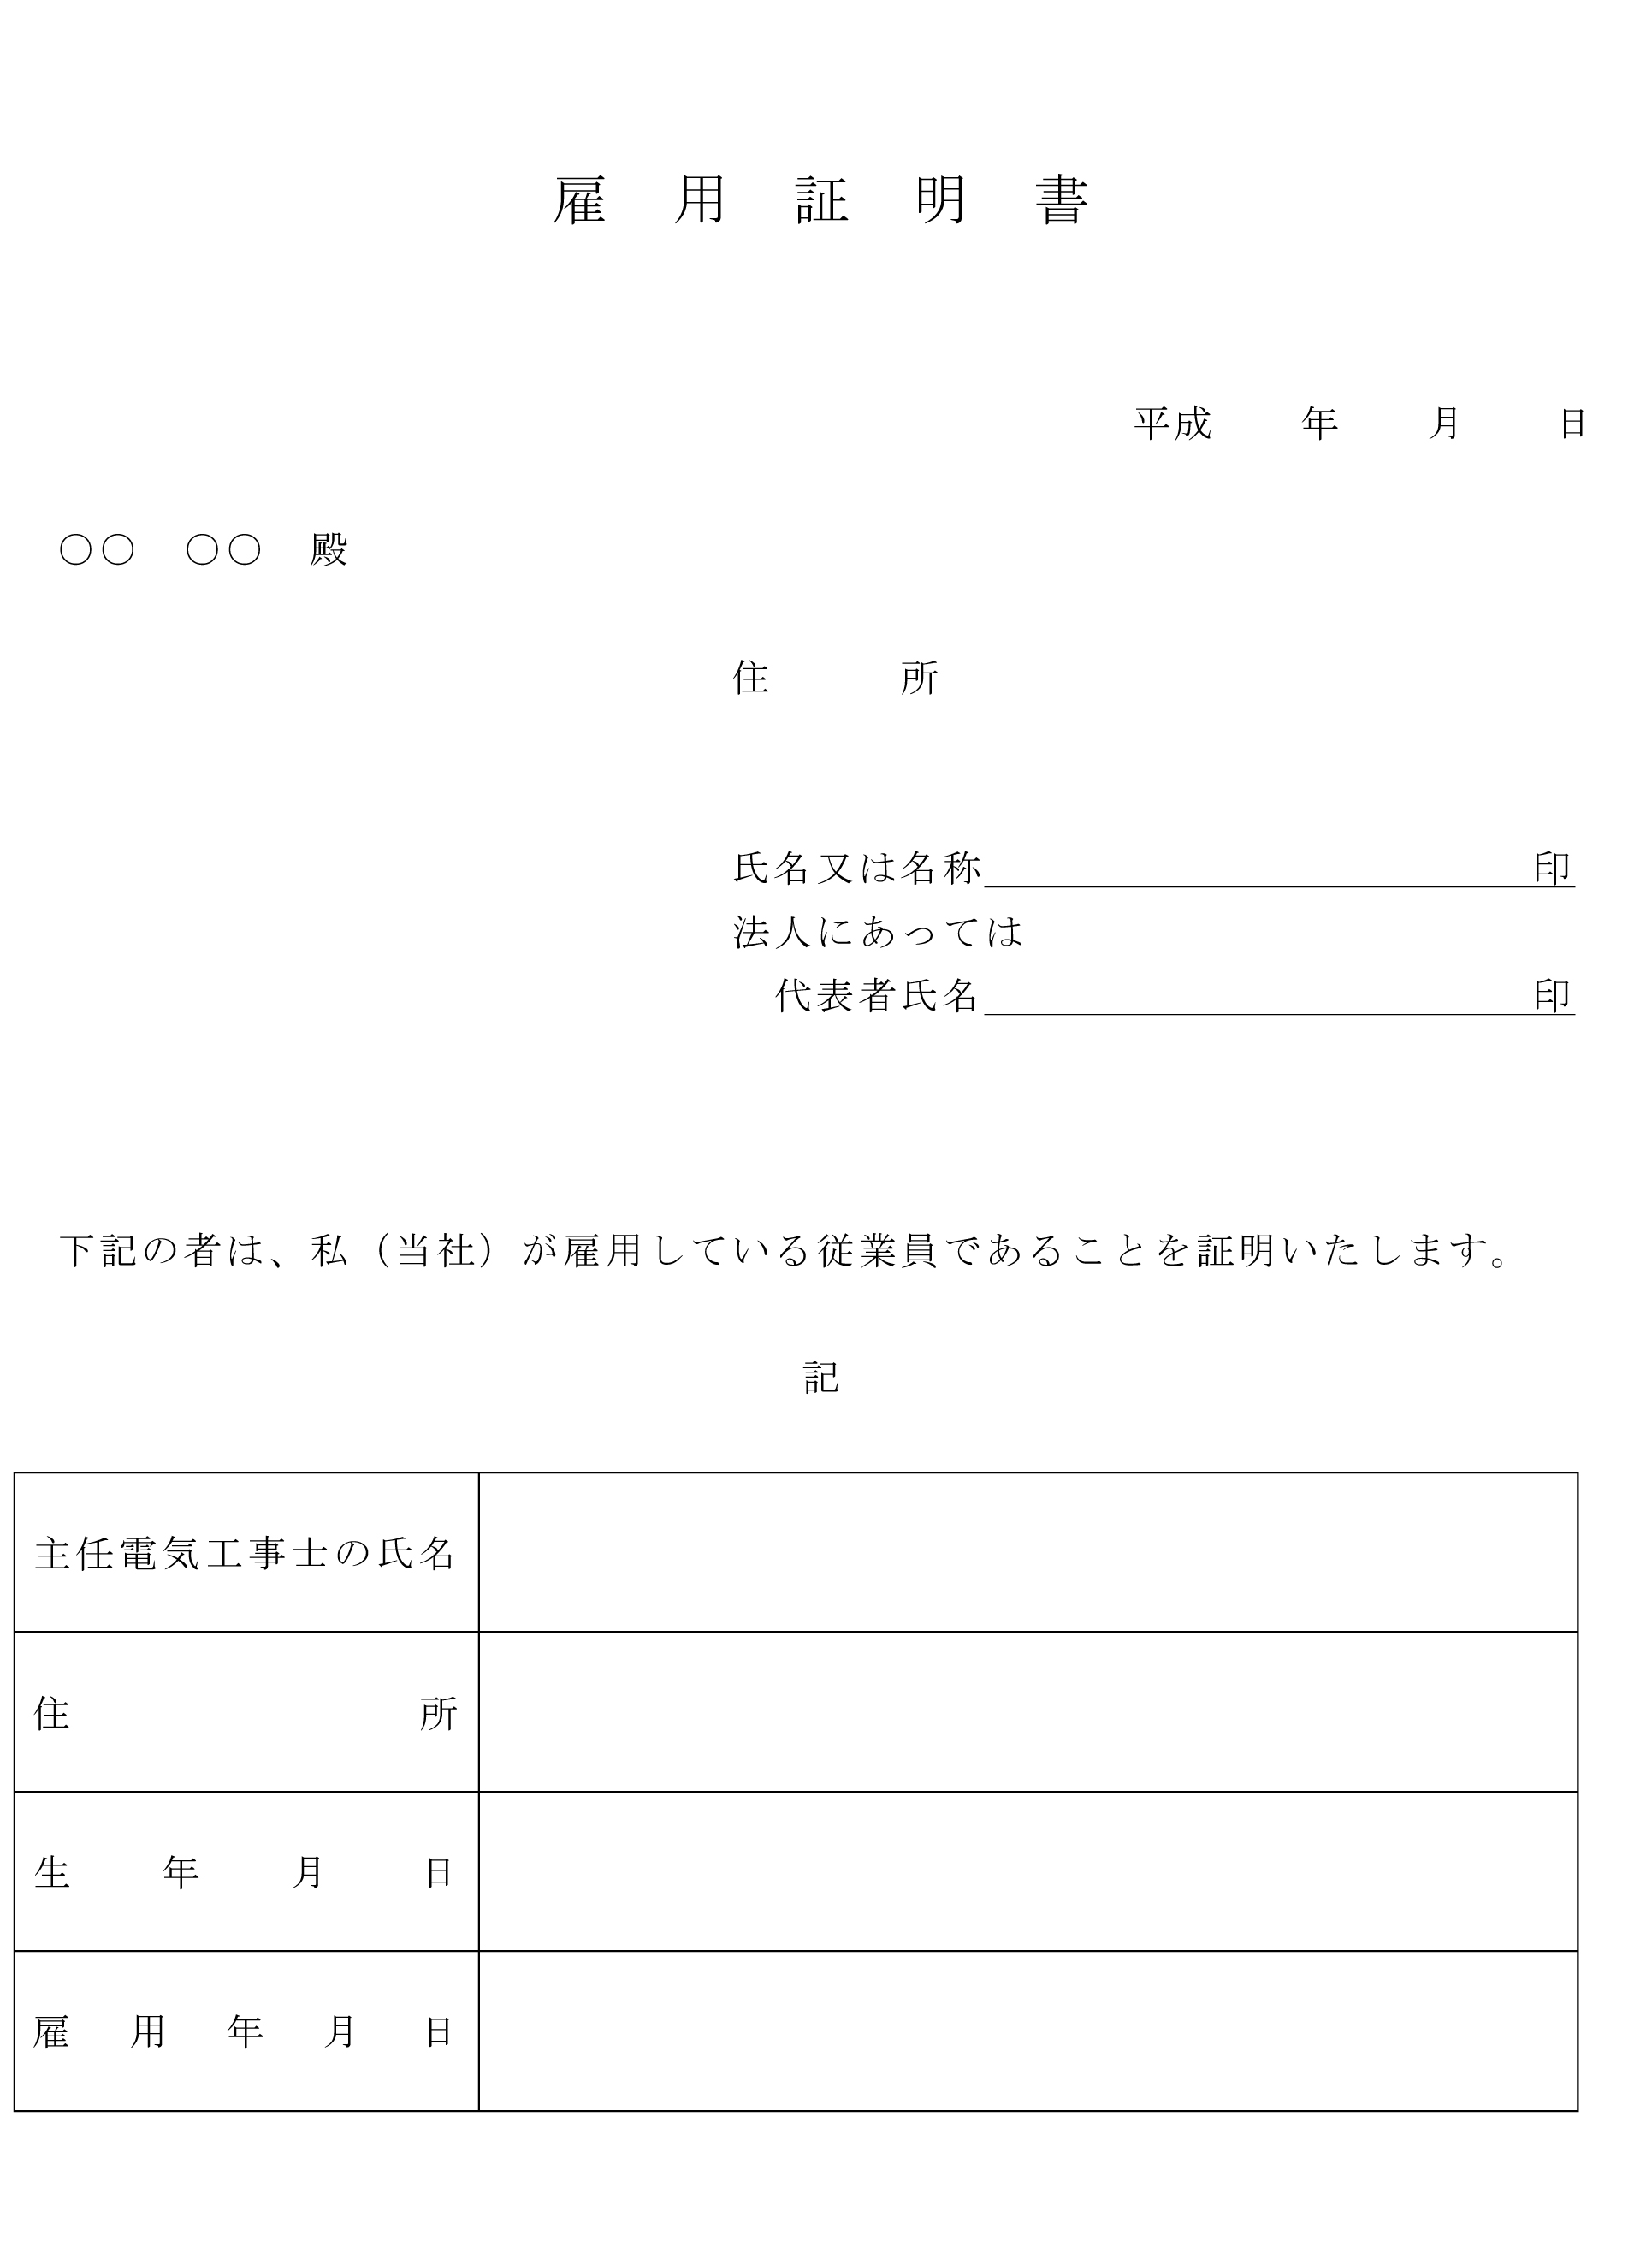 雇用証明書 – テンプレート・フ...